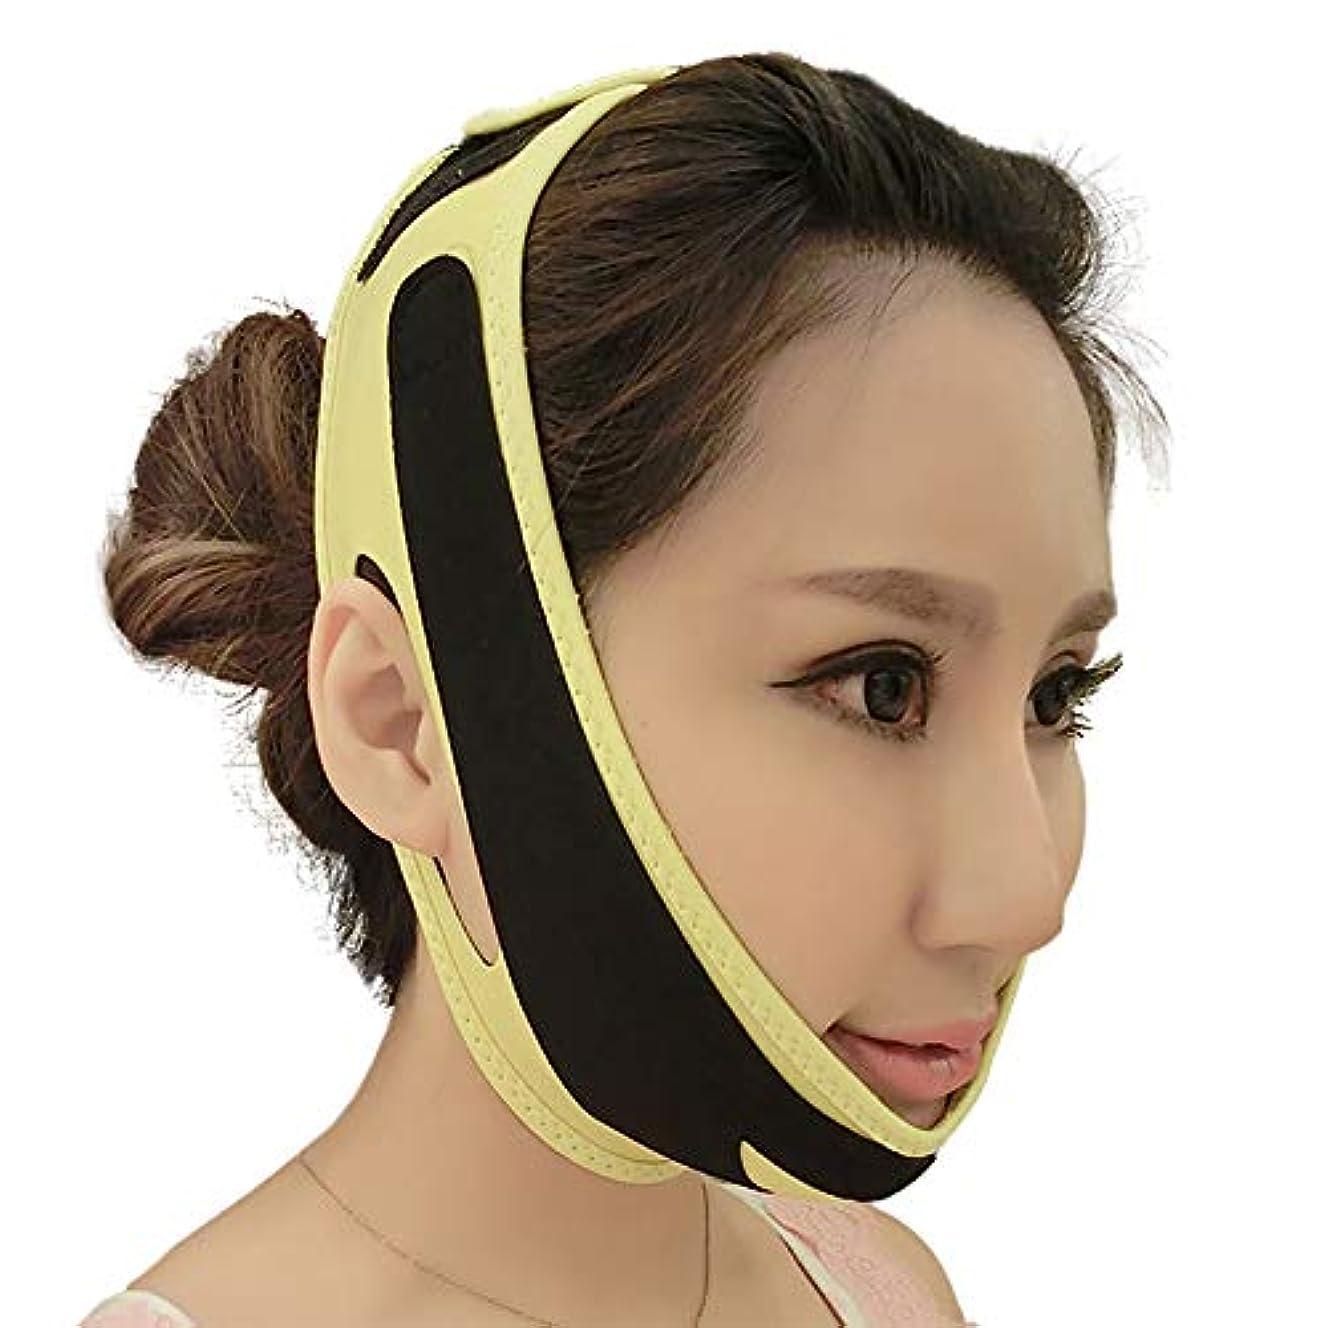 熟考するために転用痩身頬マスク、アンチリンクルVラインフェイシャルマスクリフトアップストラップチンフェイスラインベルトストラップバンド,Yellow